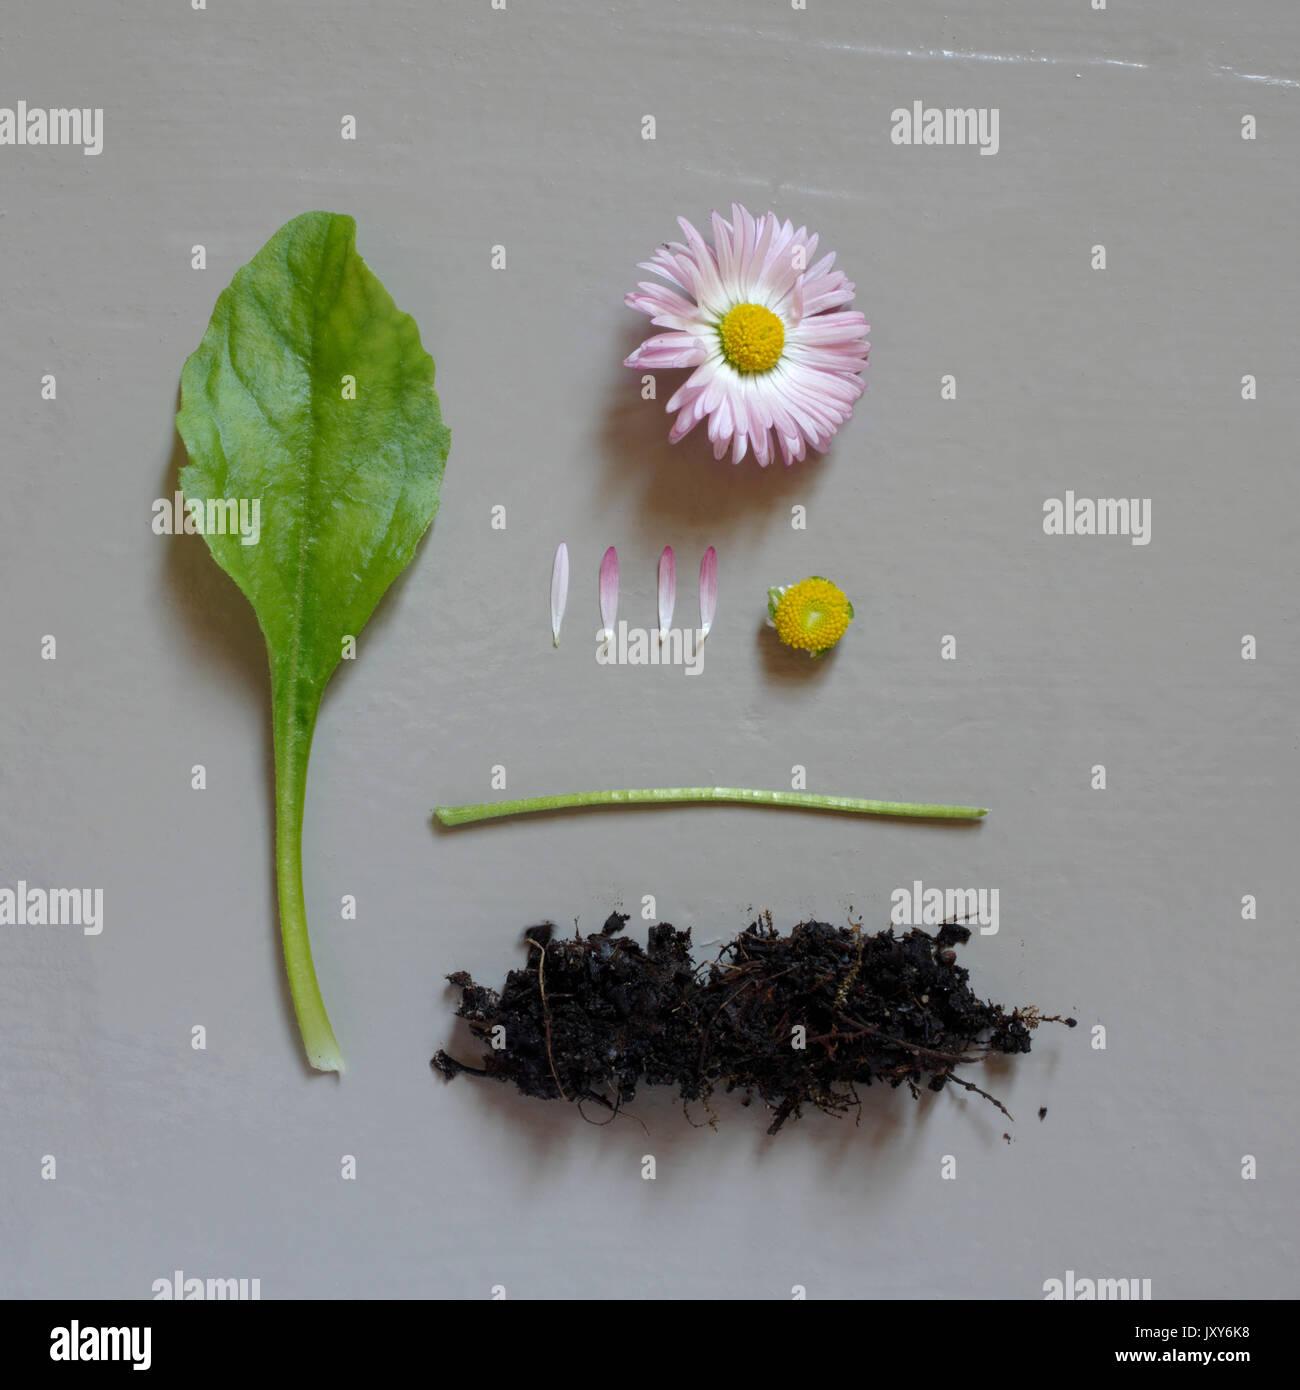 Common Daisy, Bellis perennis taken into pieces. Stock Photo